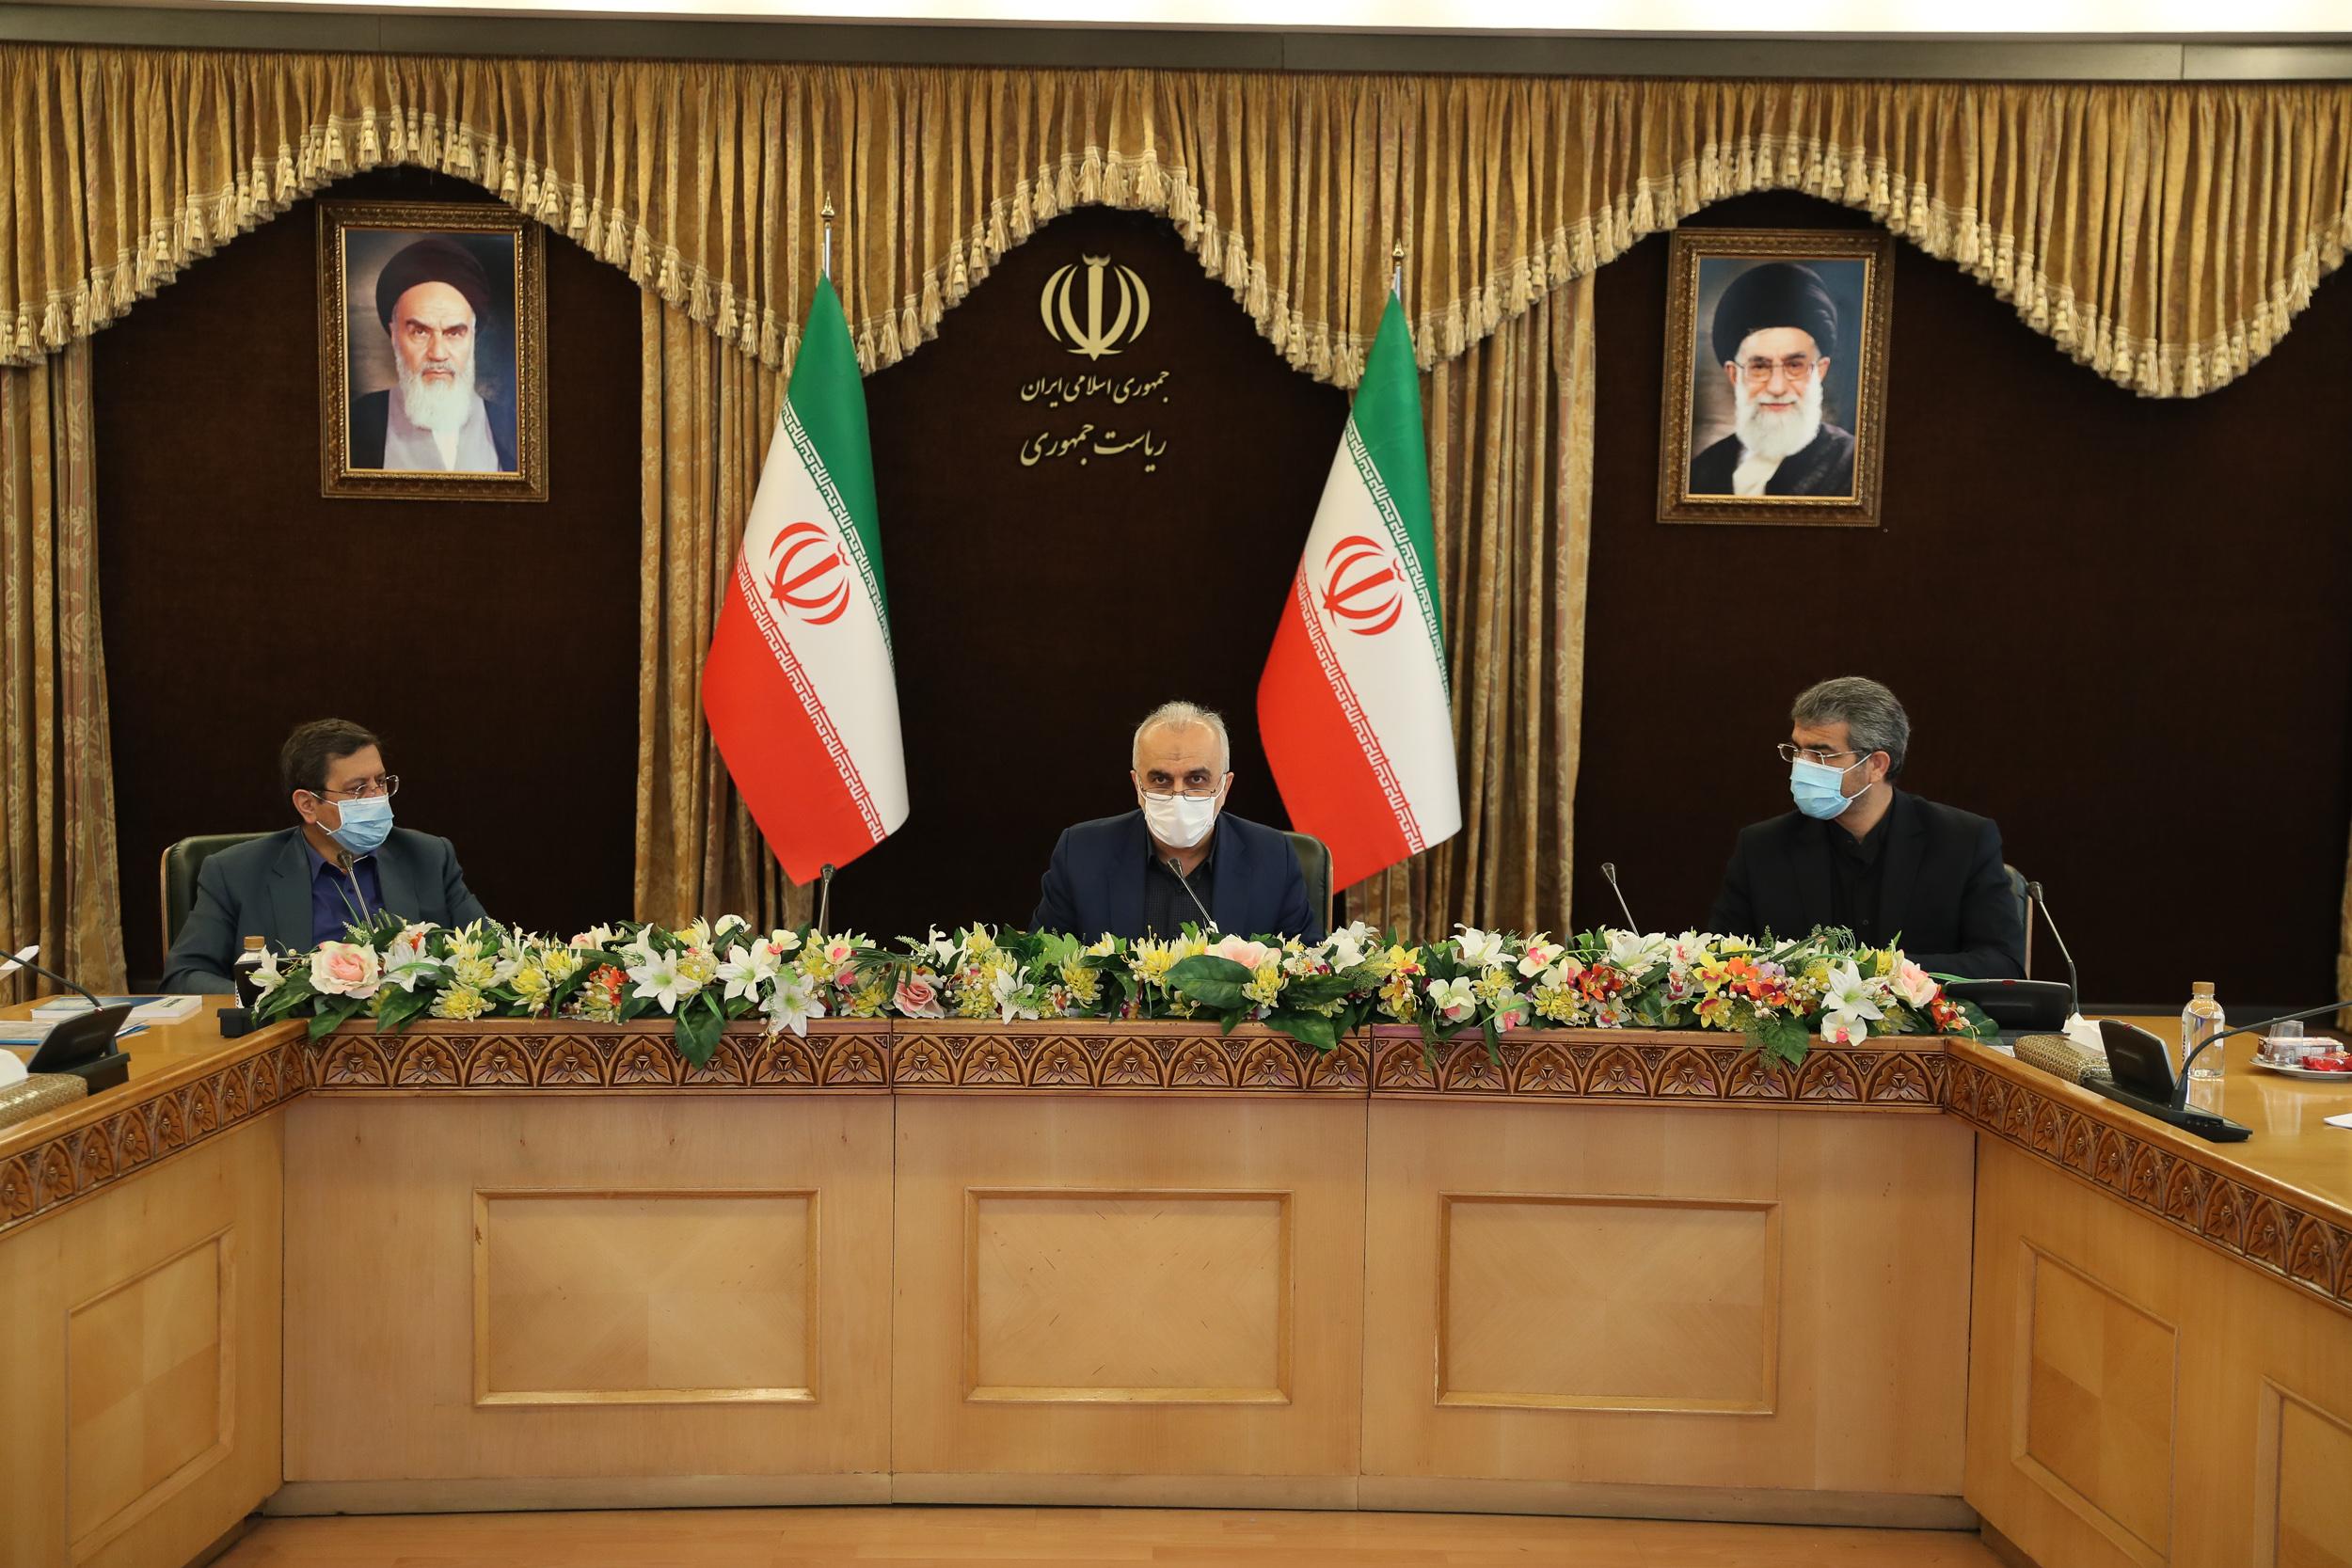 جلسه اصلی کمیسیون اقتصاد مورخ 3 شهریور 1399